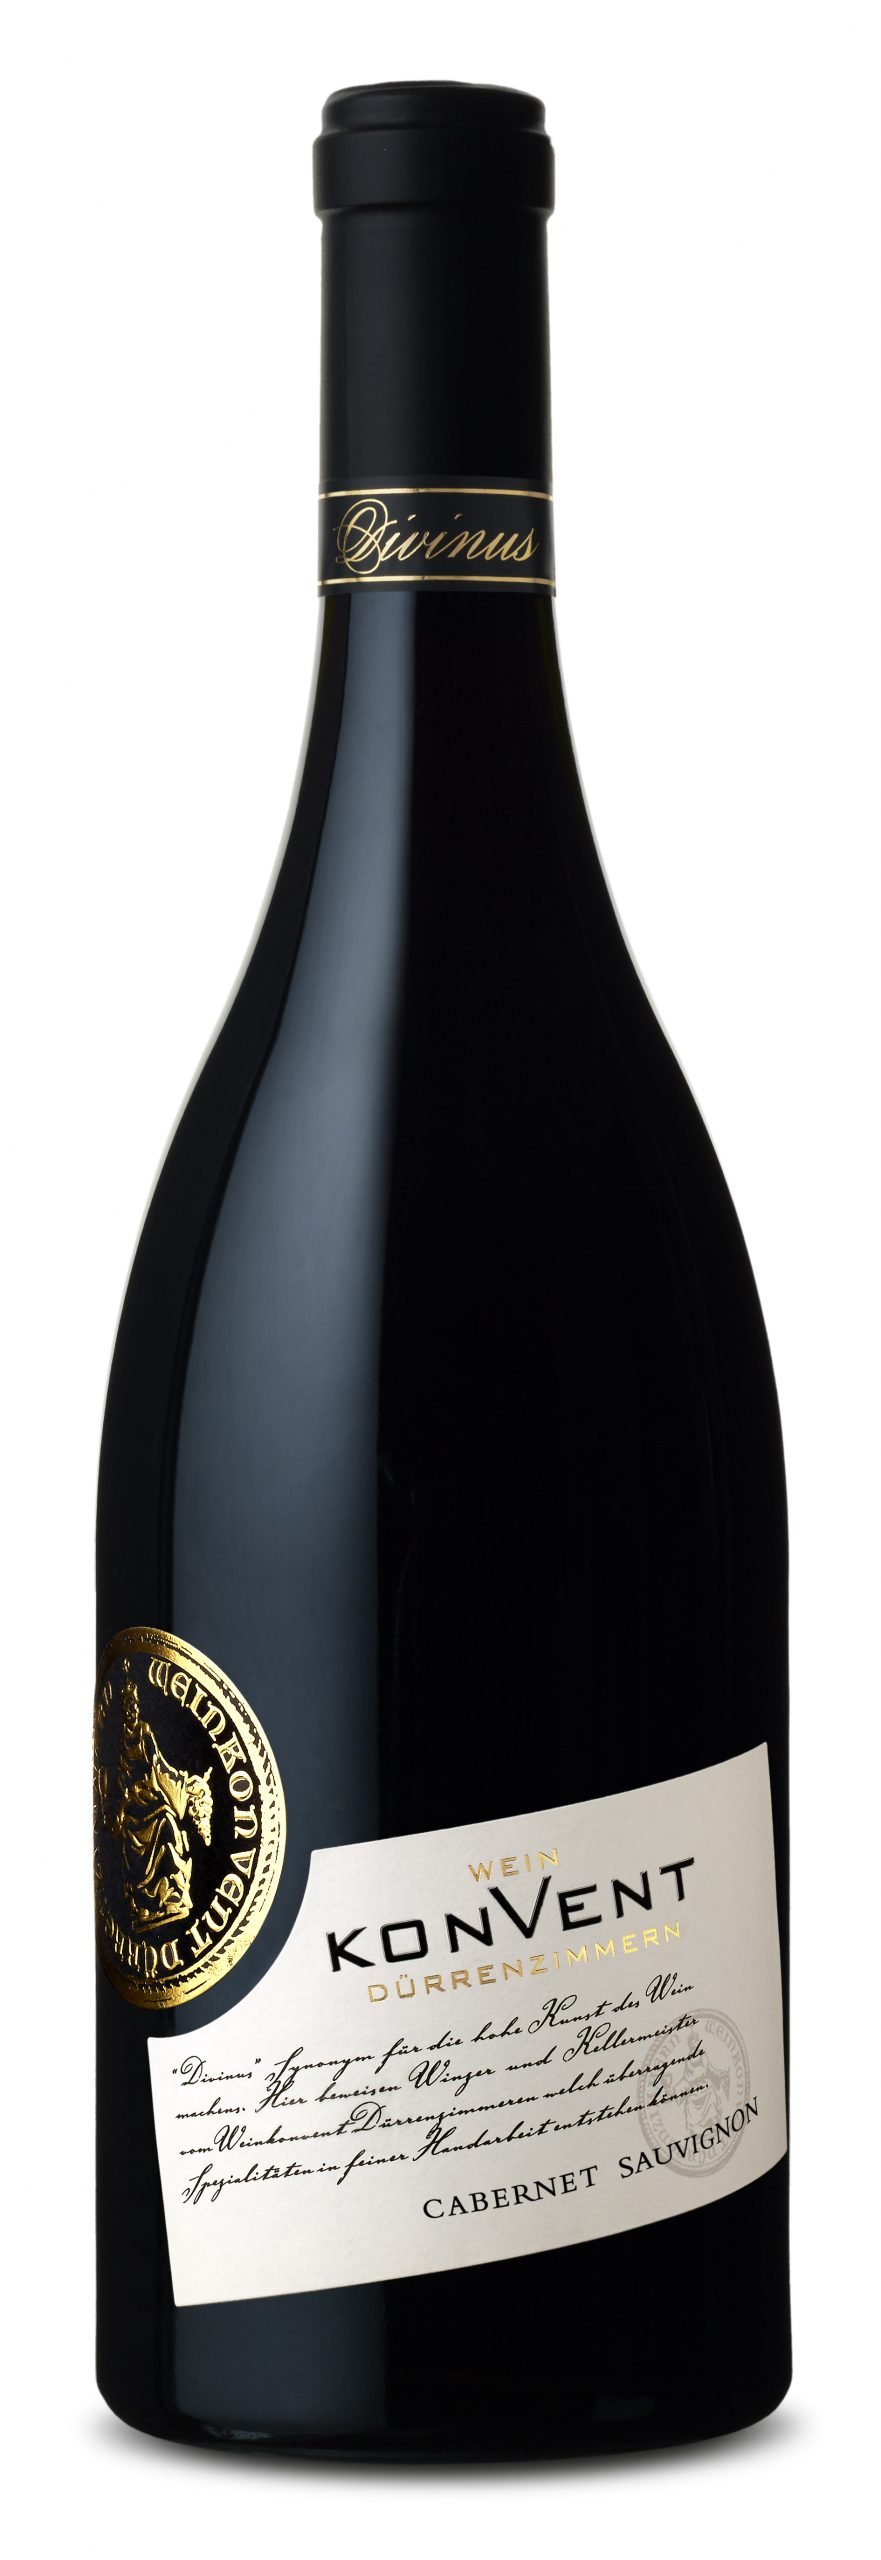 Flaschenabbildung des Divinus Cabernet Sauvignon trocken des Weinkonvent Dürrenzimmern